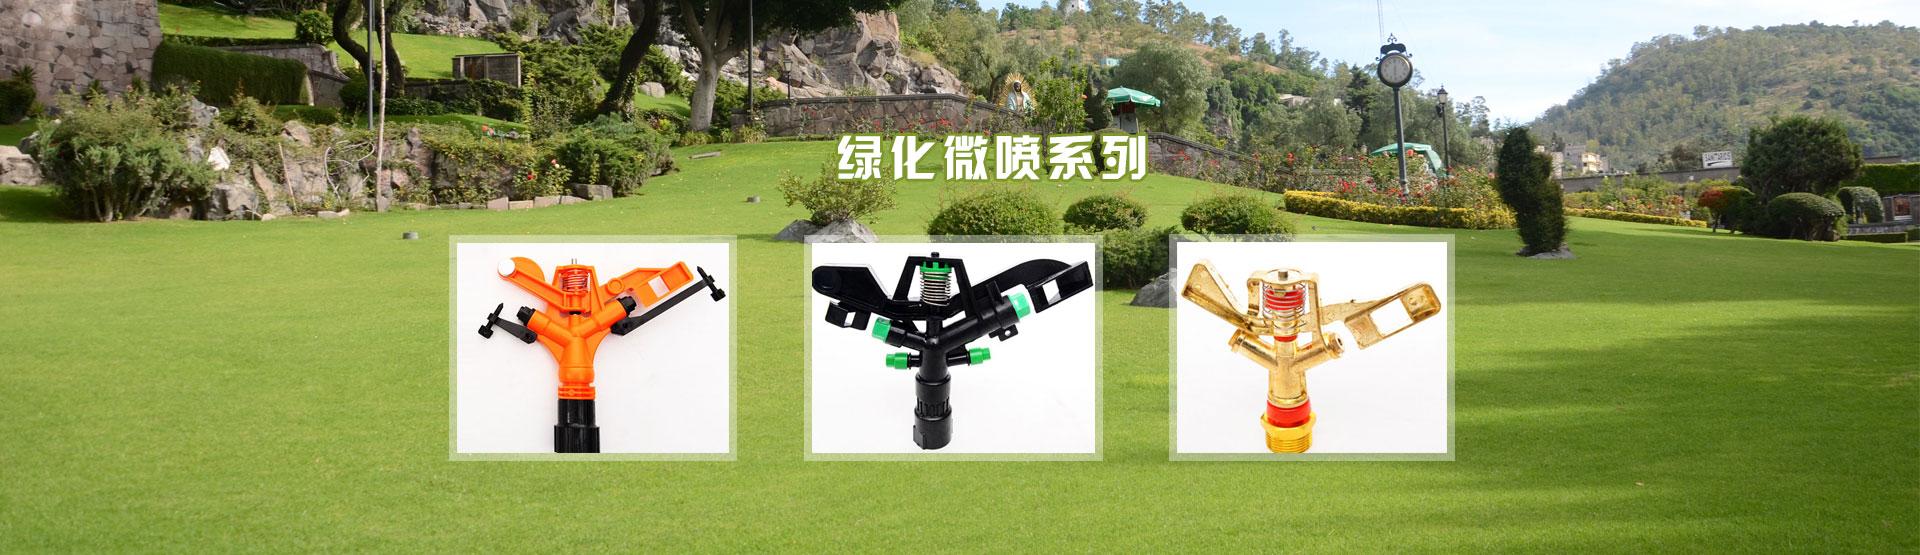 自动化灌溉控制器